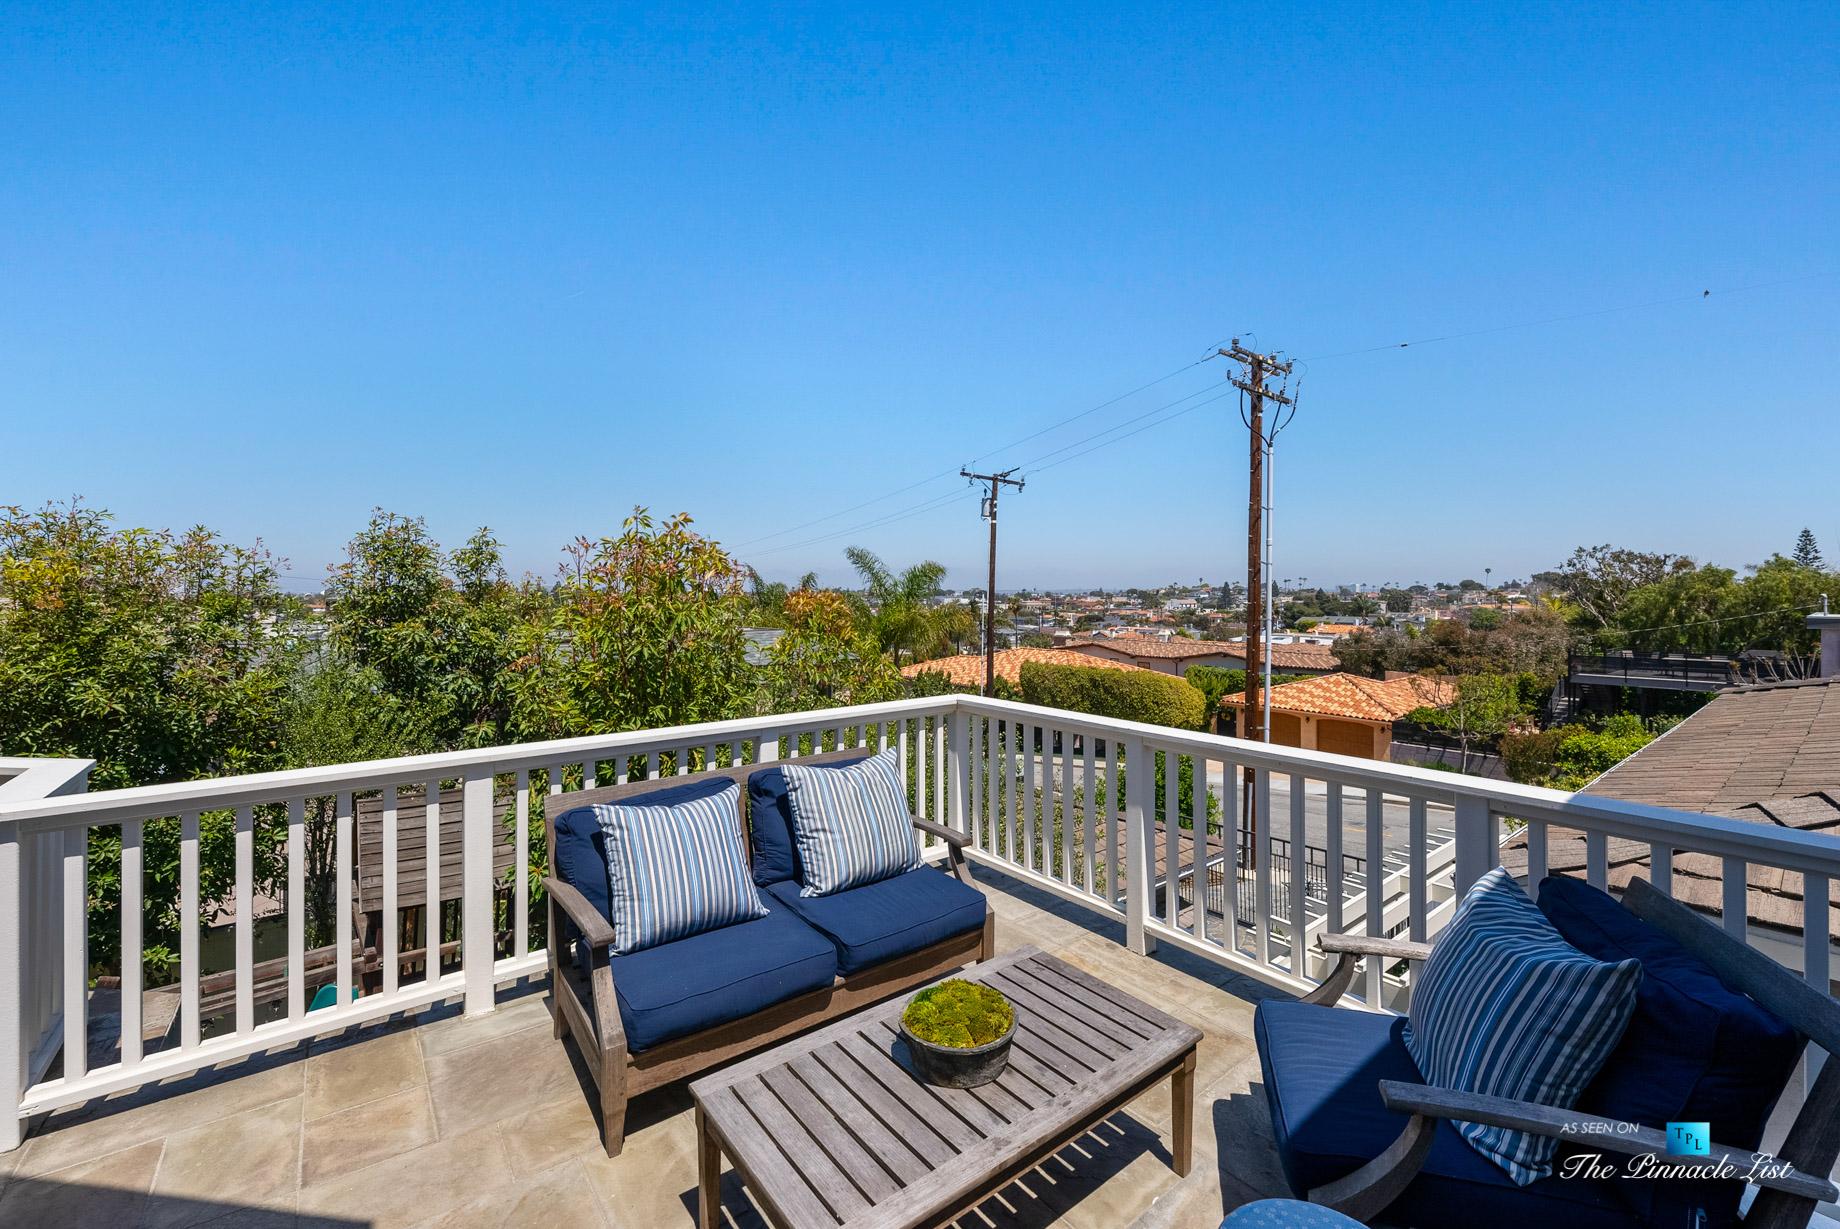 877 8th Street, Manhattan Beach, CA, USA – Top Level Patio Seating View